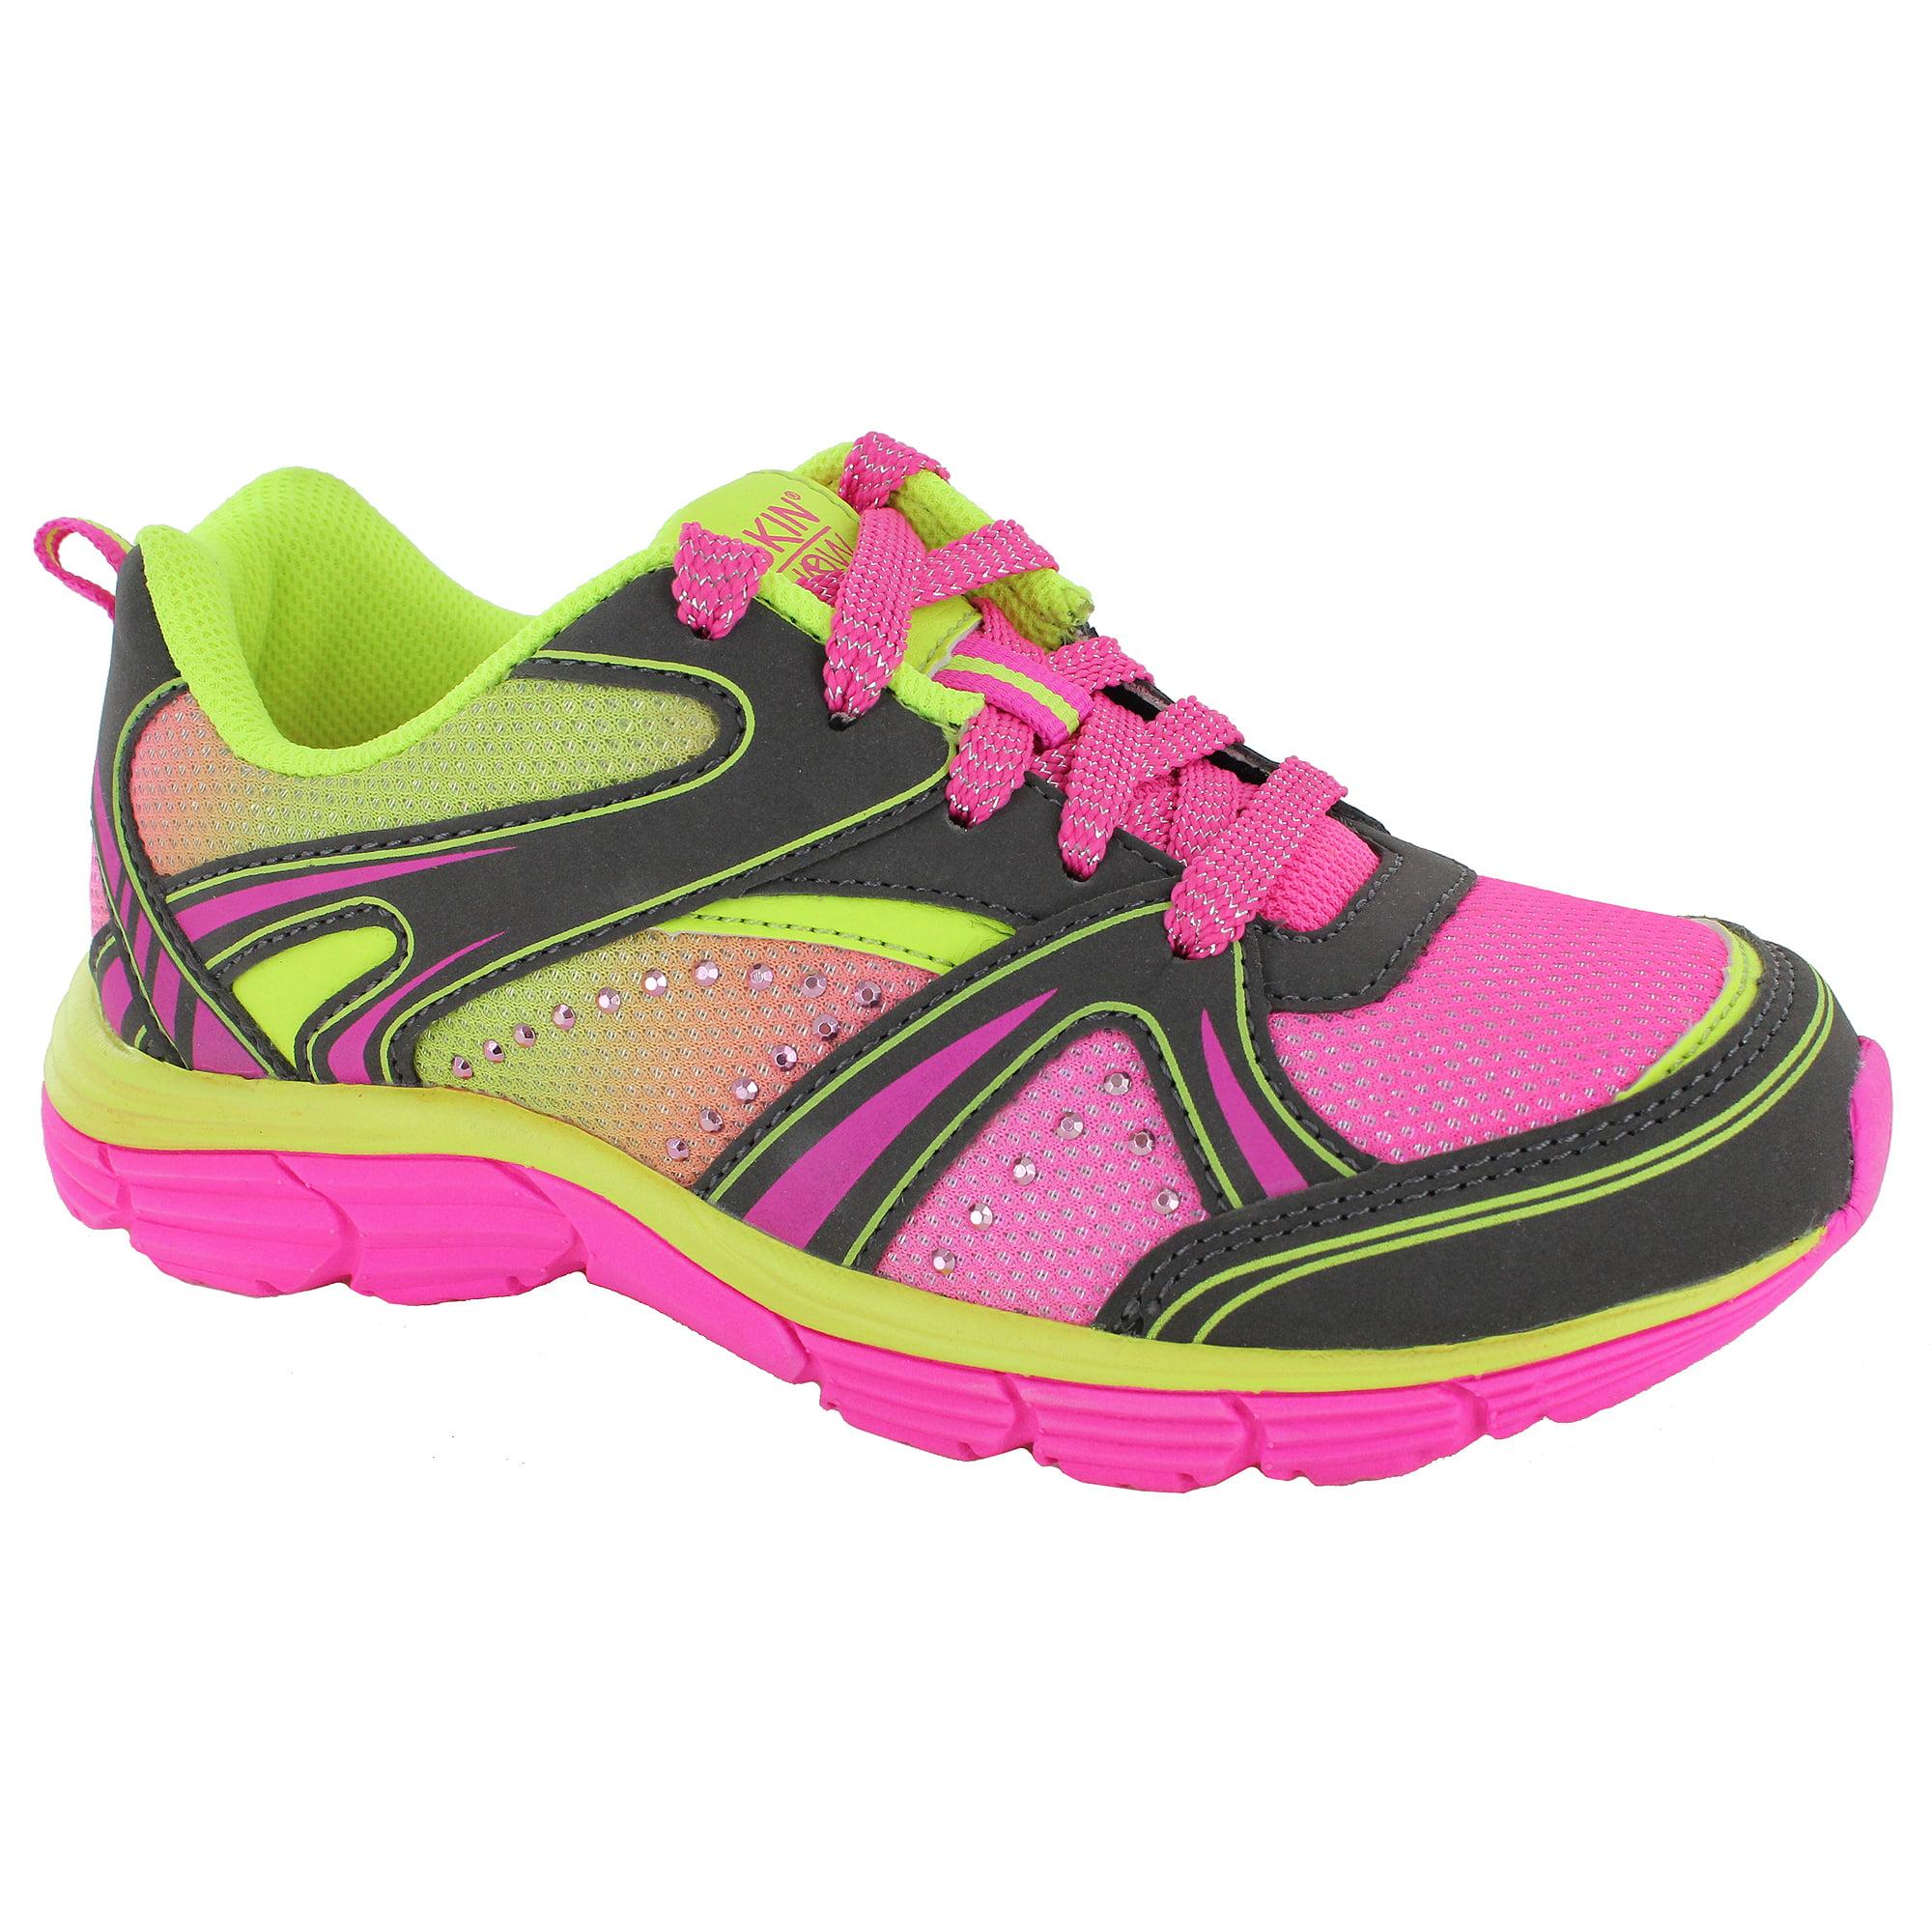 Danskin Now Girls' Athletic Running Shoe